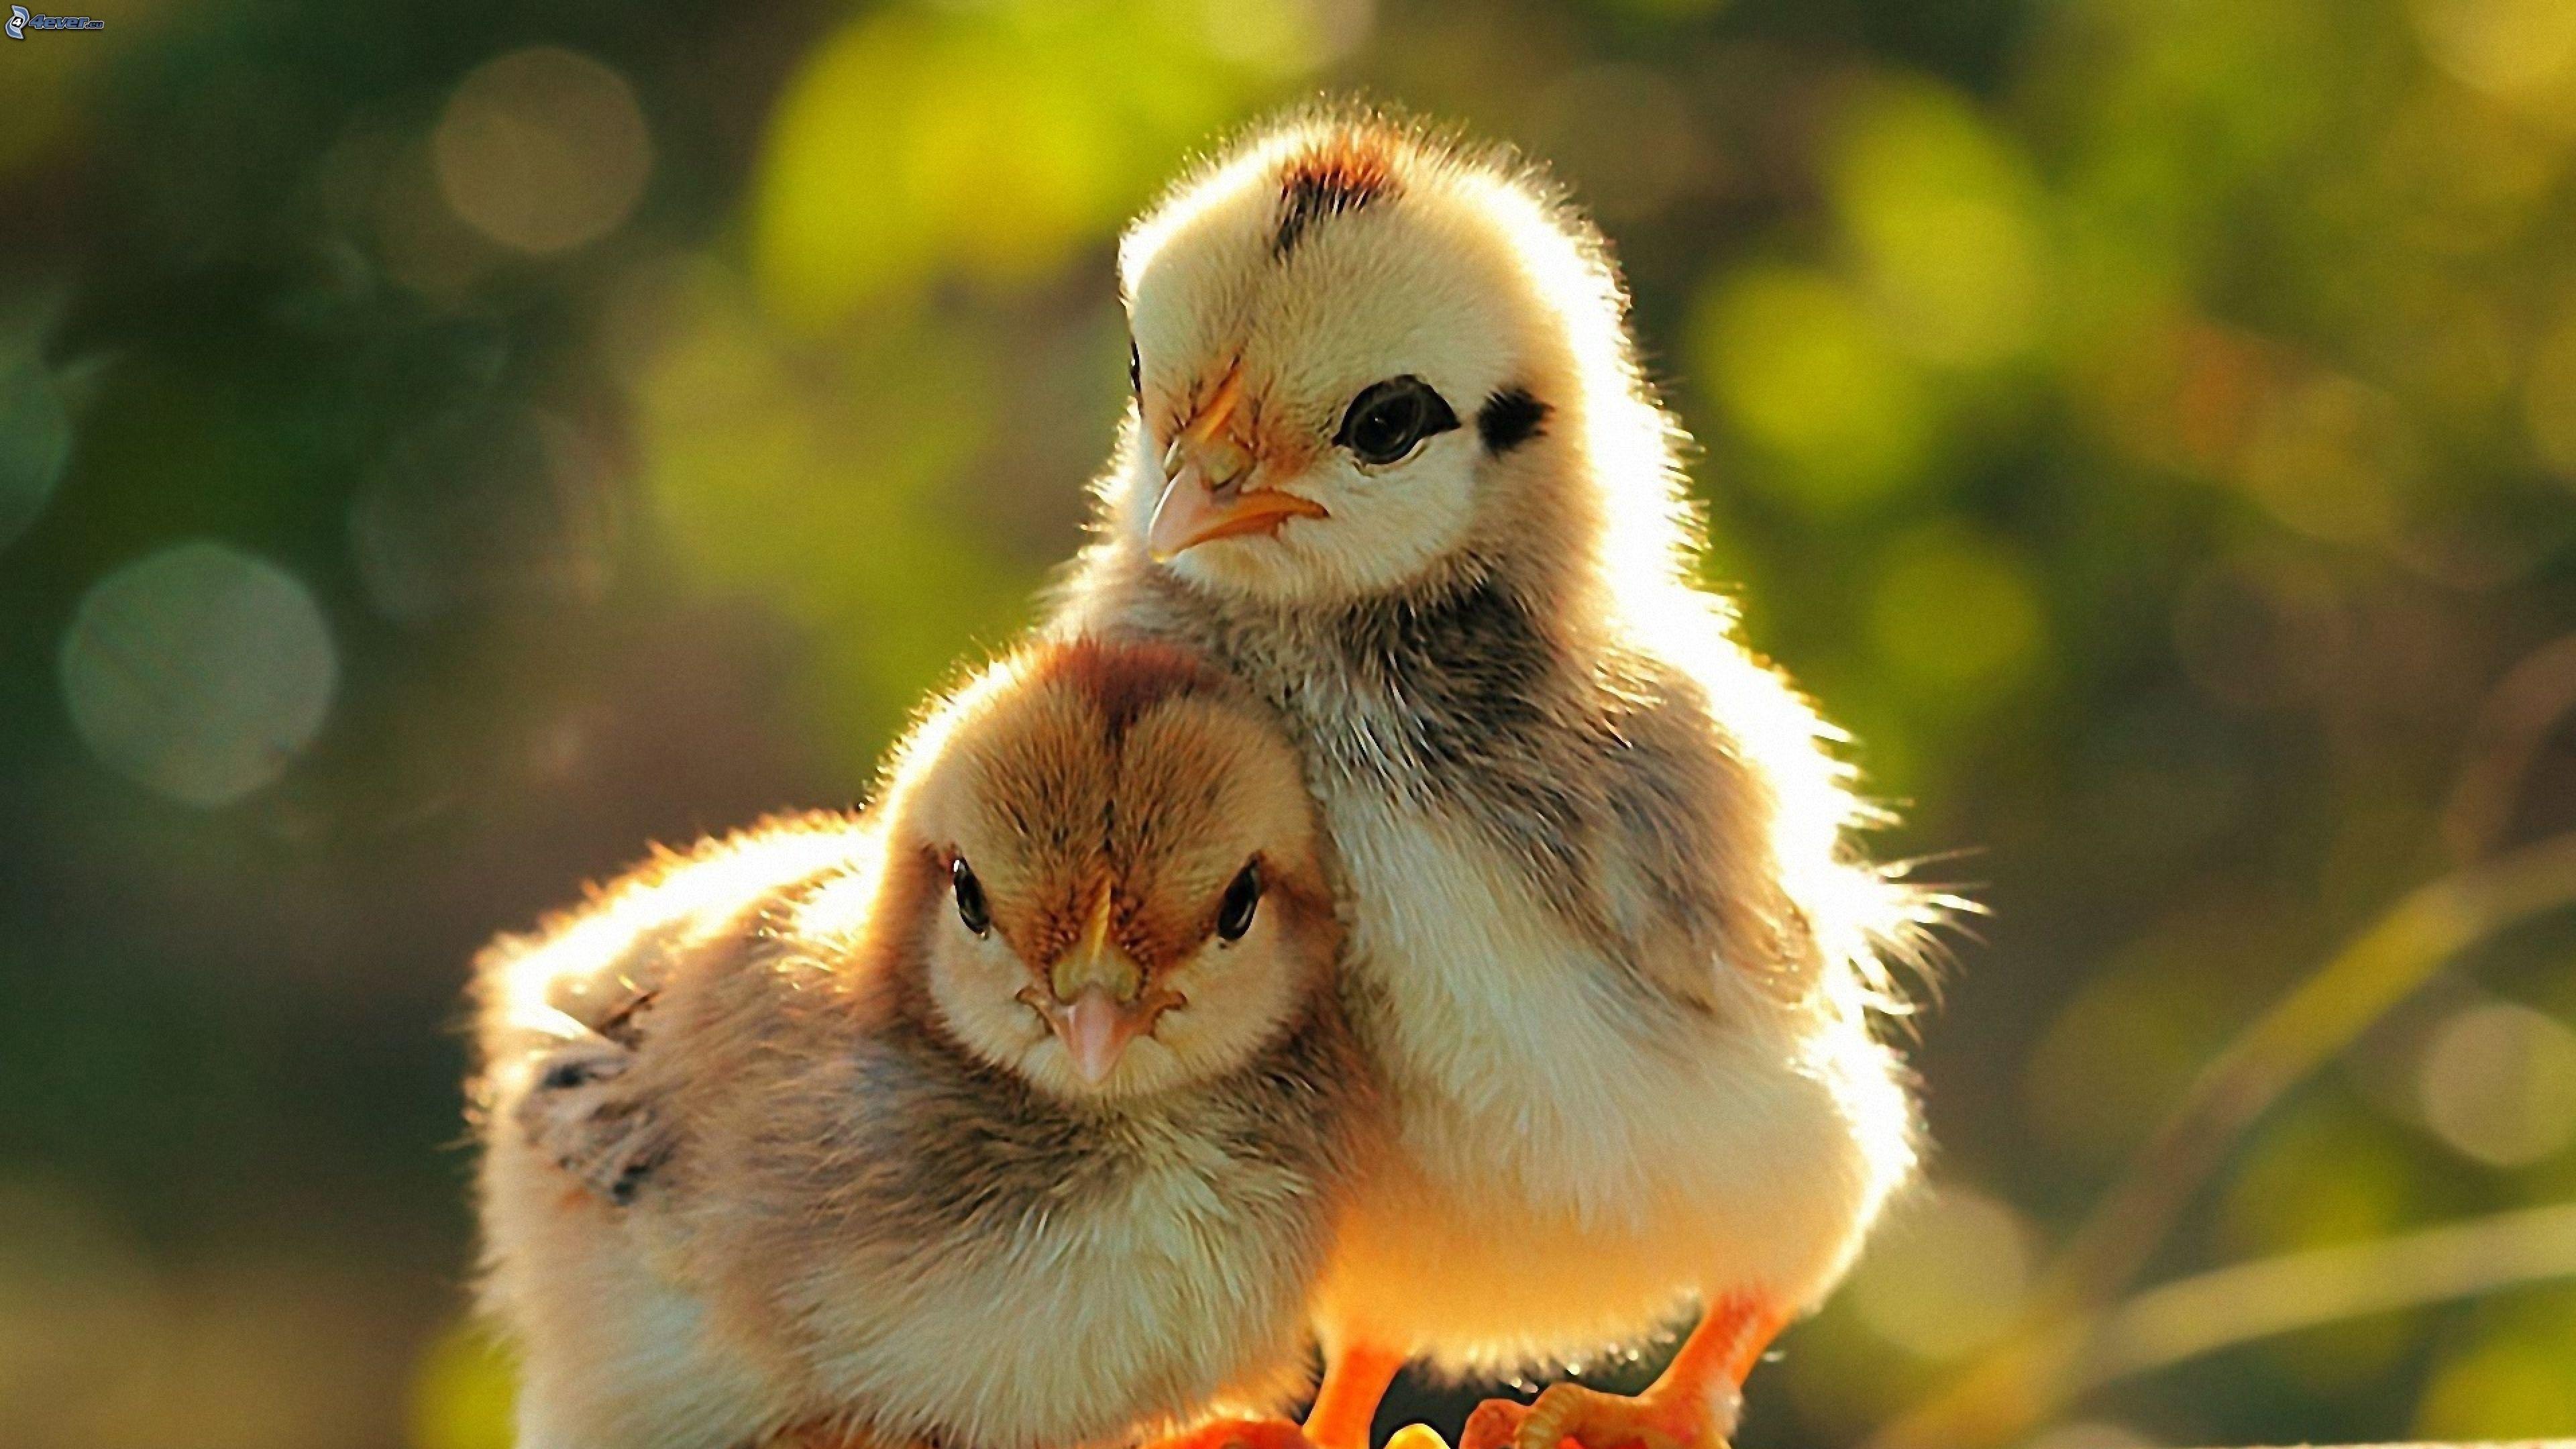 Милые ,пушистые ,очаровательные птенчики в лучах солнца